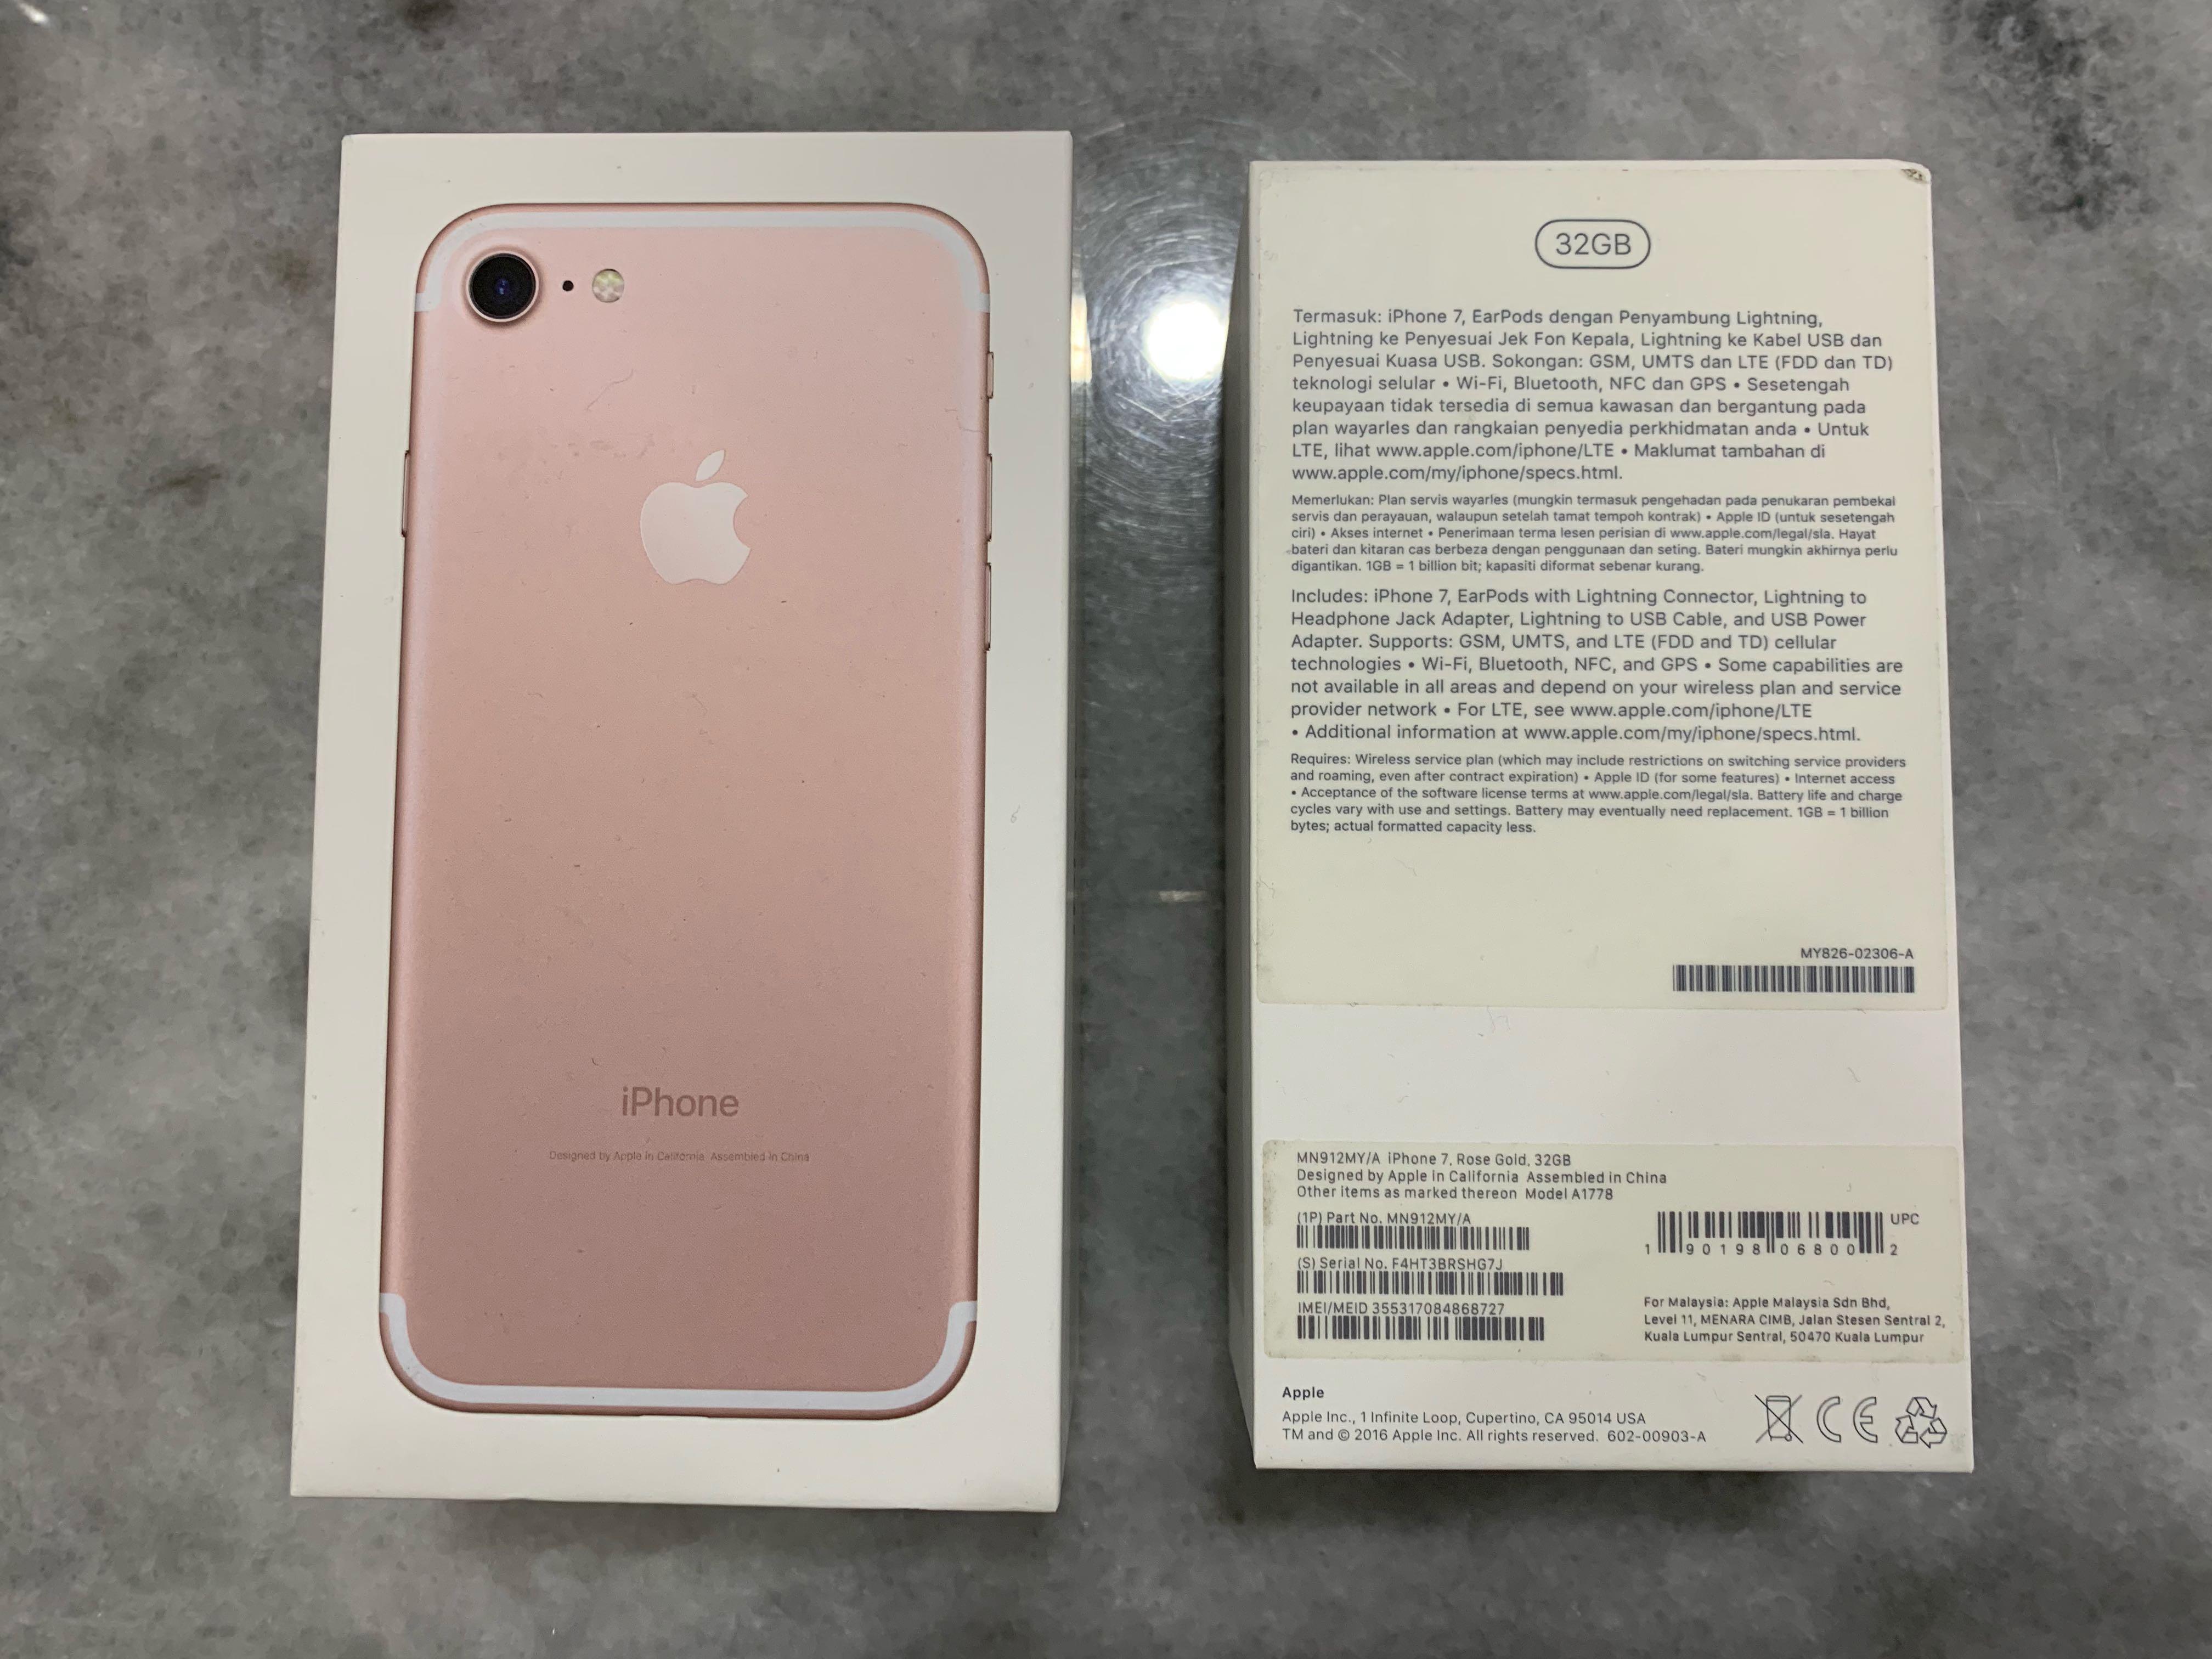 Kotak iPhone 7 untuk dijual. iPhone 7 box for sale